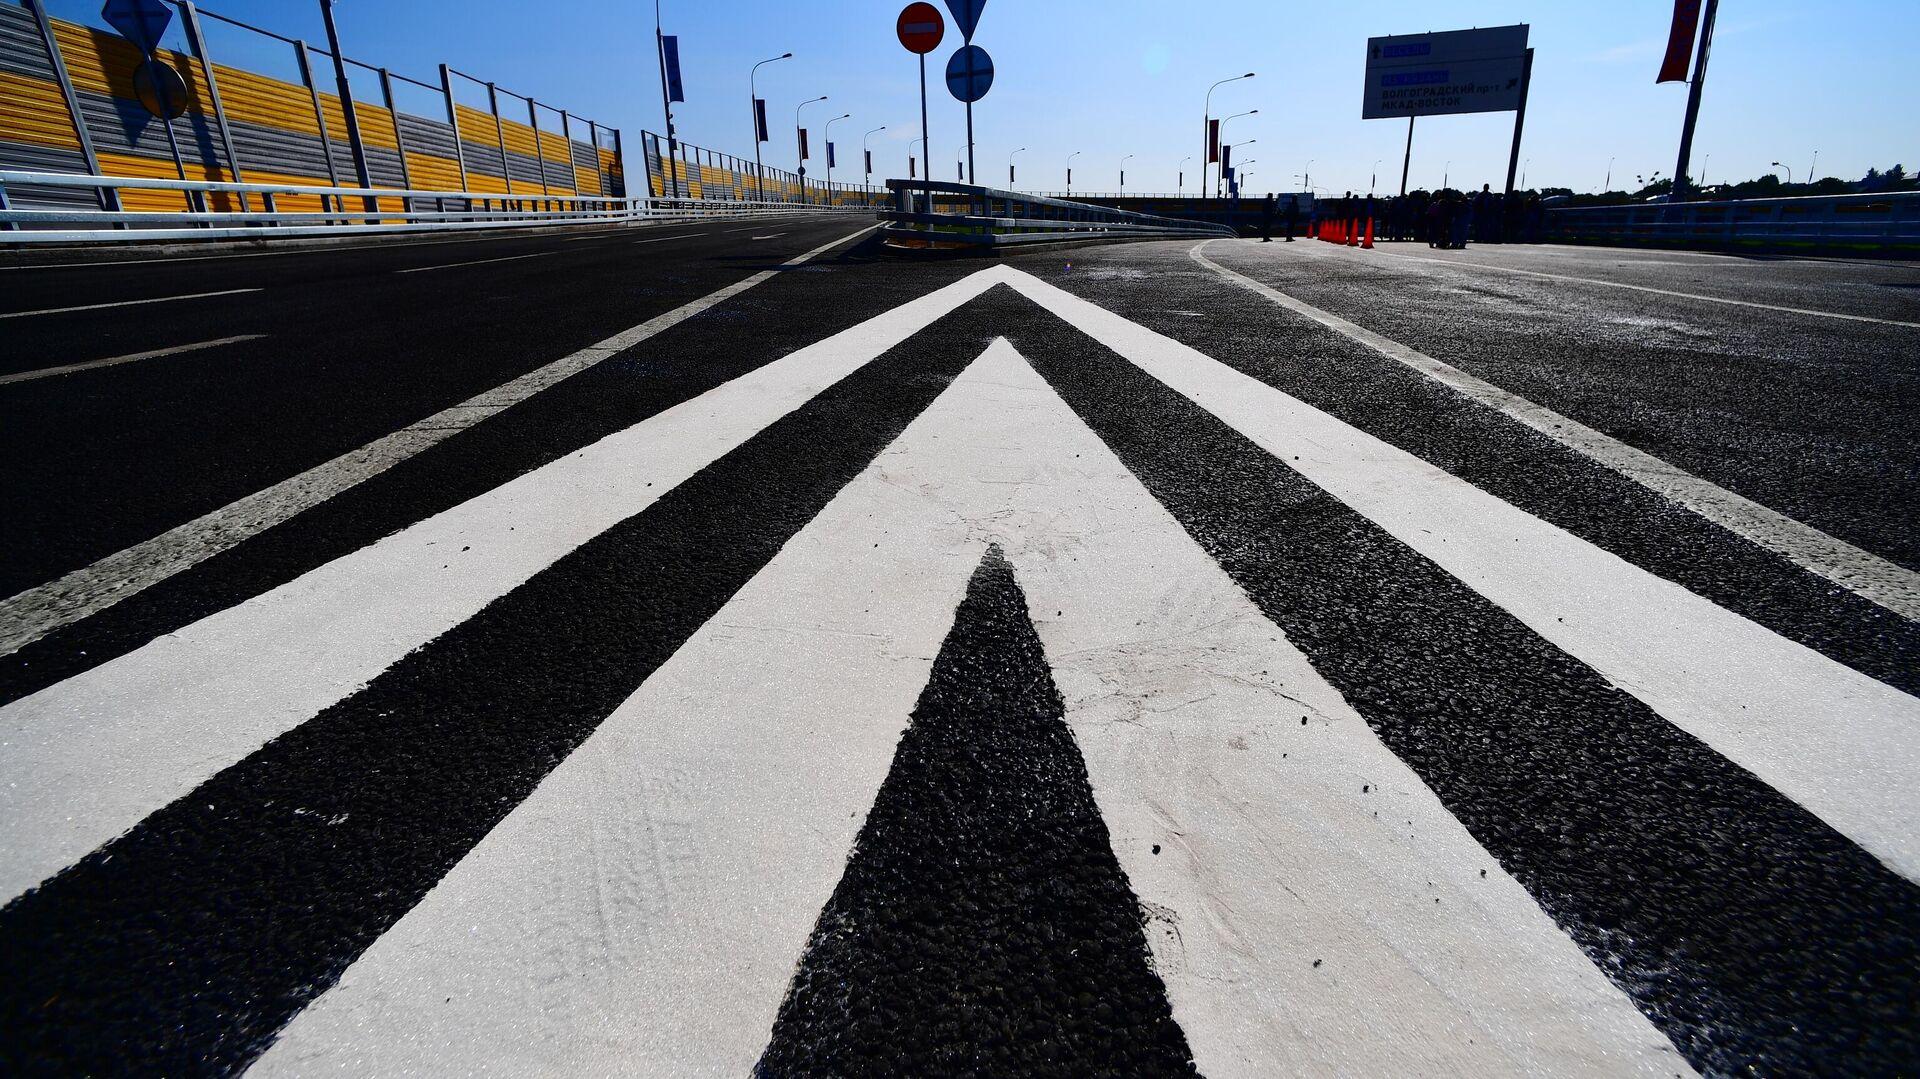 Открытие развязки на пересечении Бесединского шоссе с МКАД  - РИА Новости, 1920, 28.09.2021